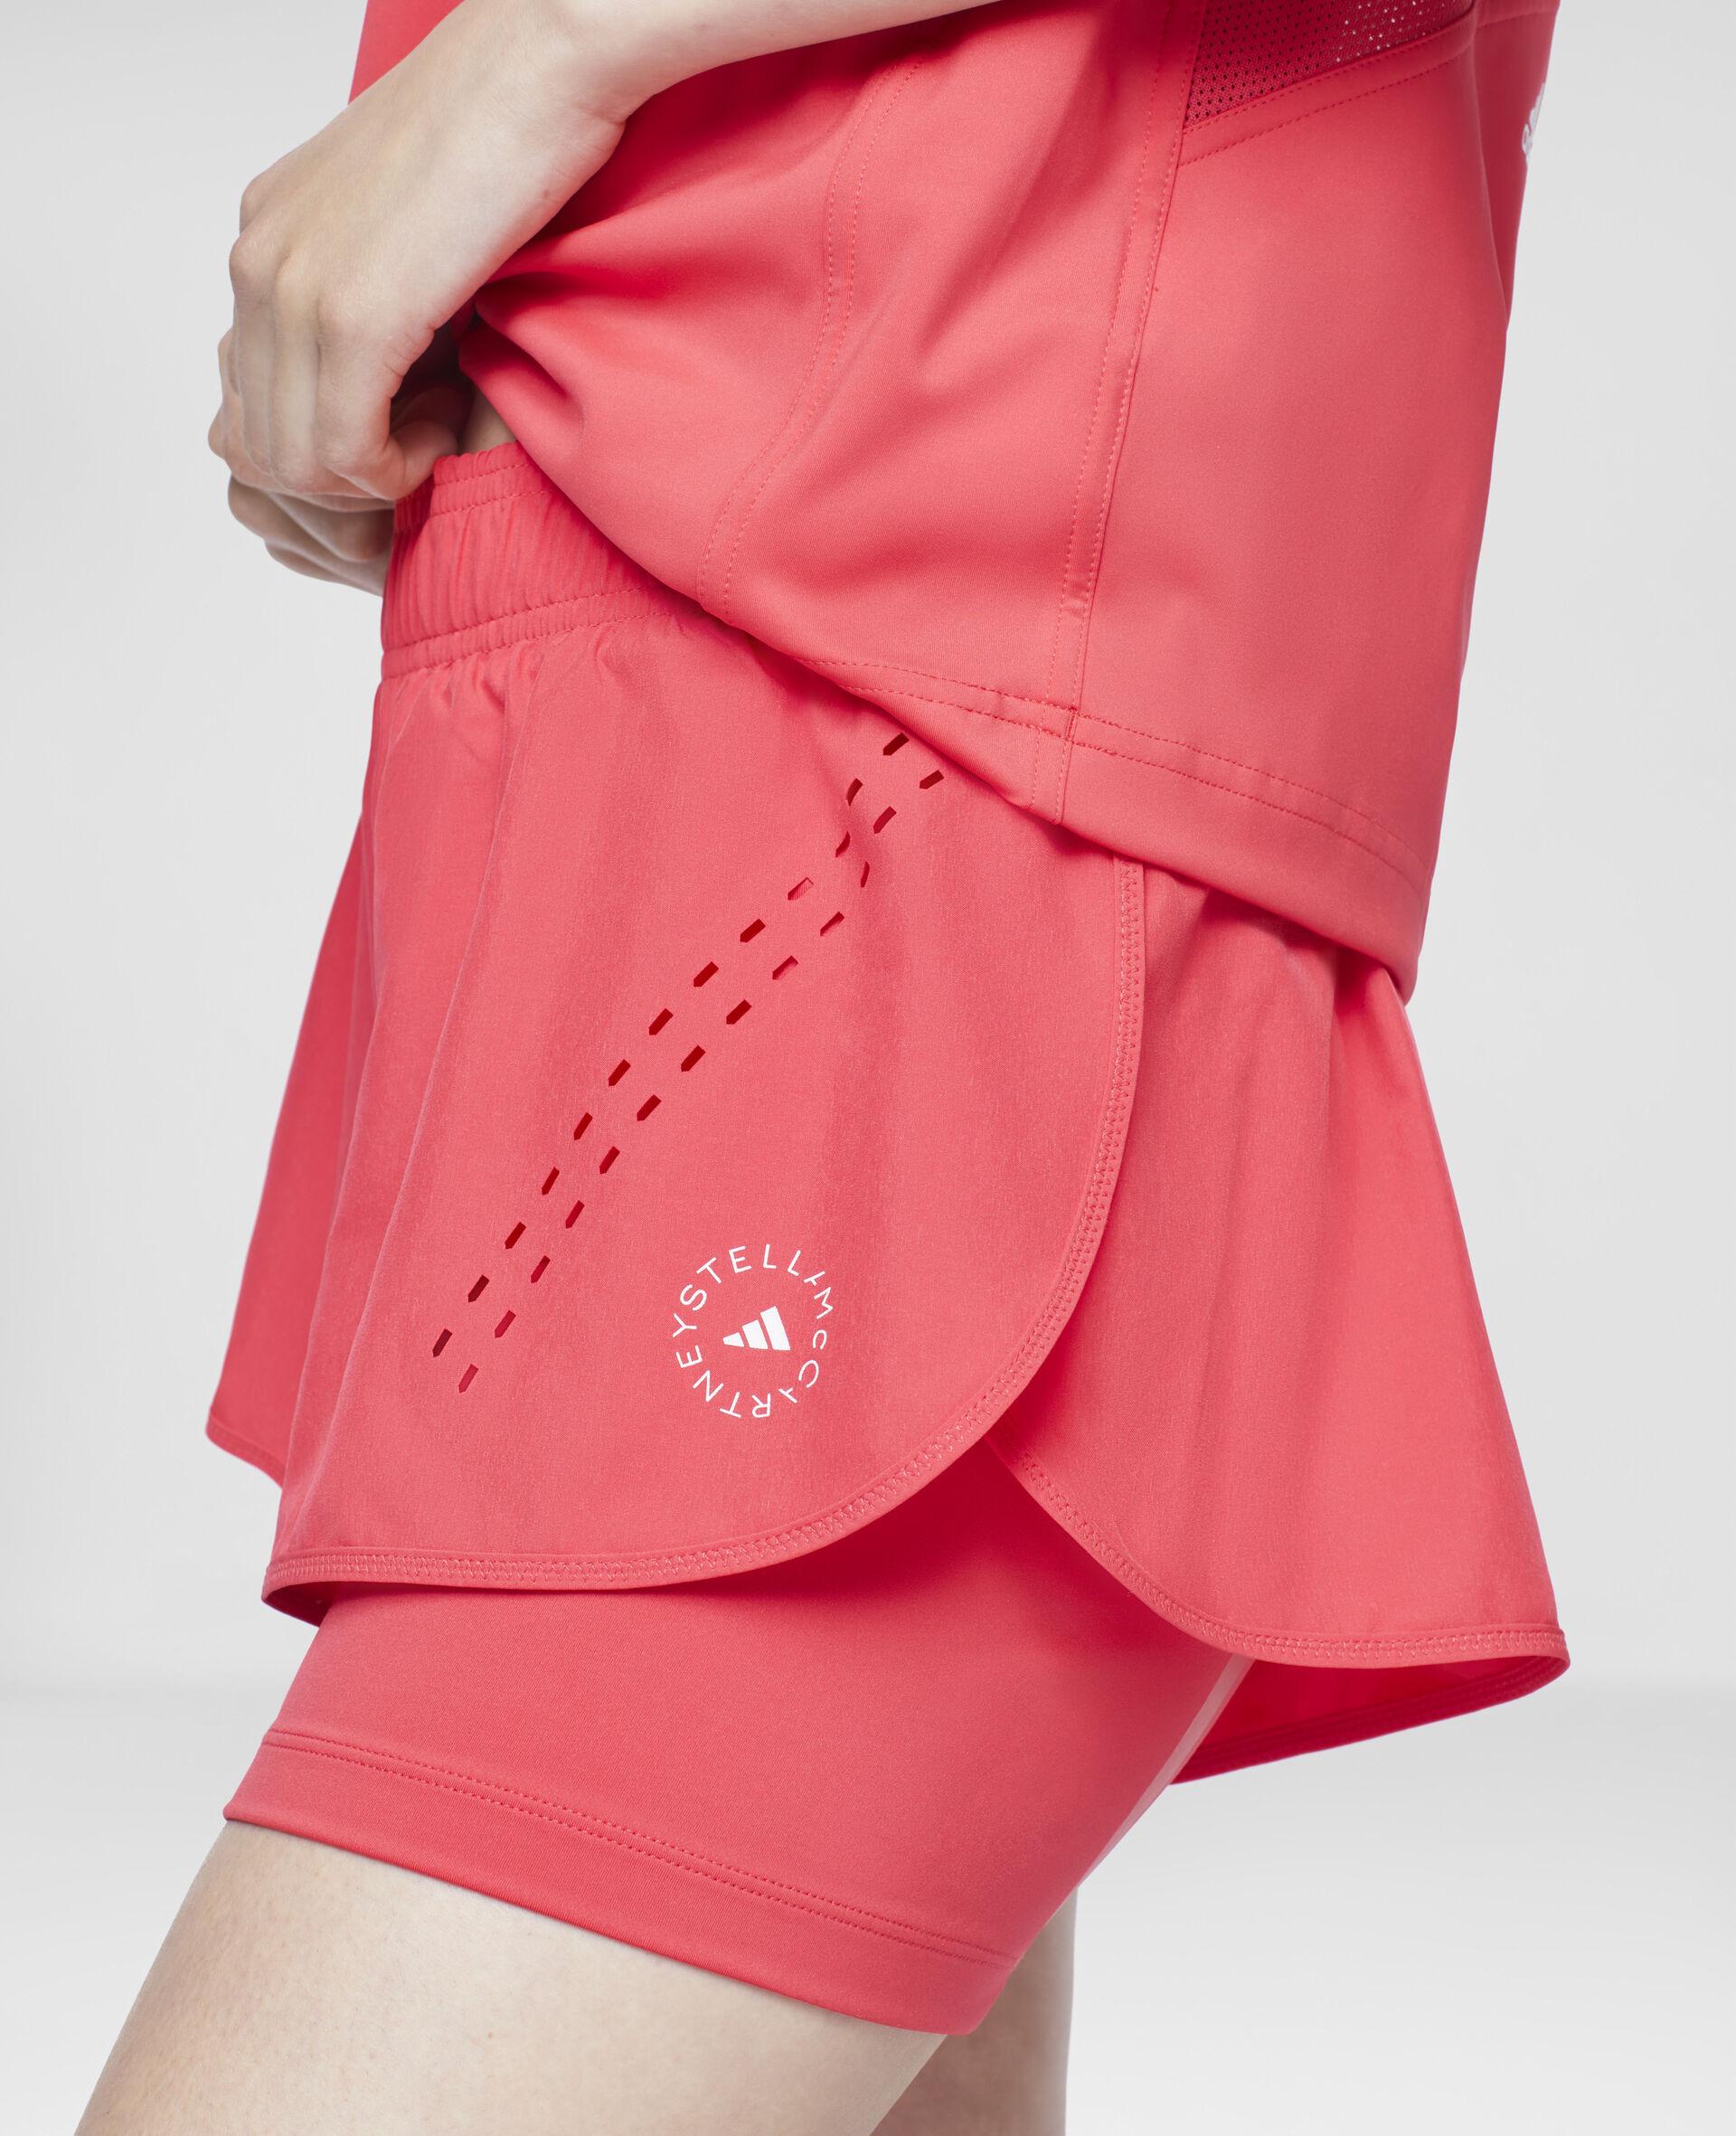 粉色 TruePurpose 训练短裤-粉色-large image number 3